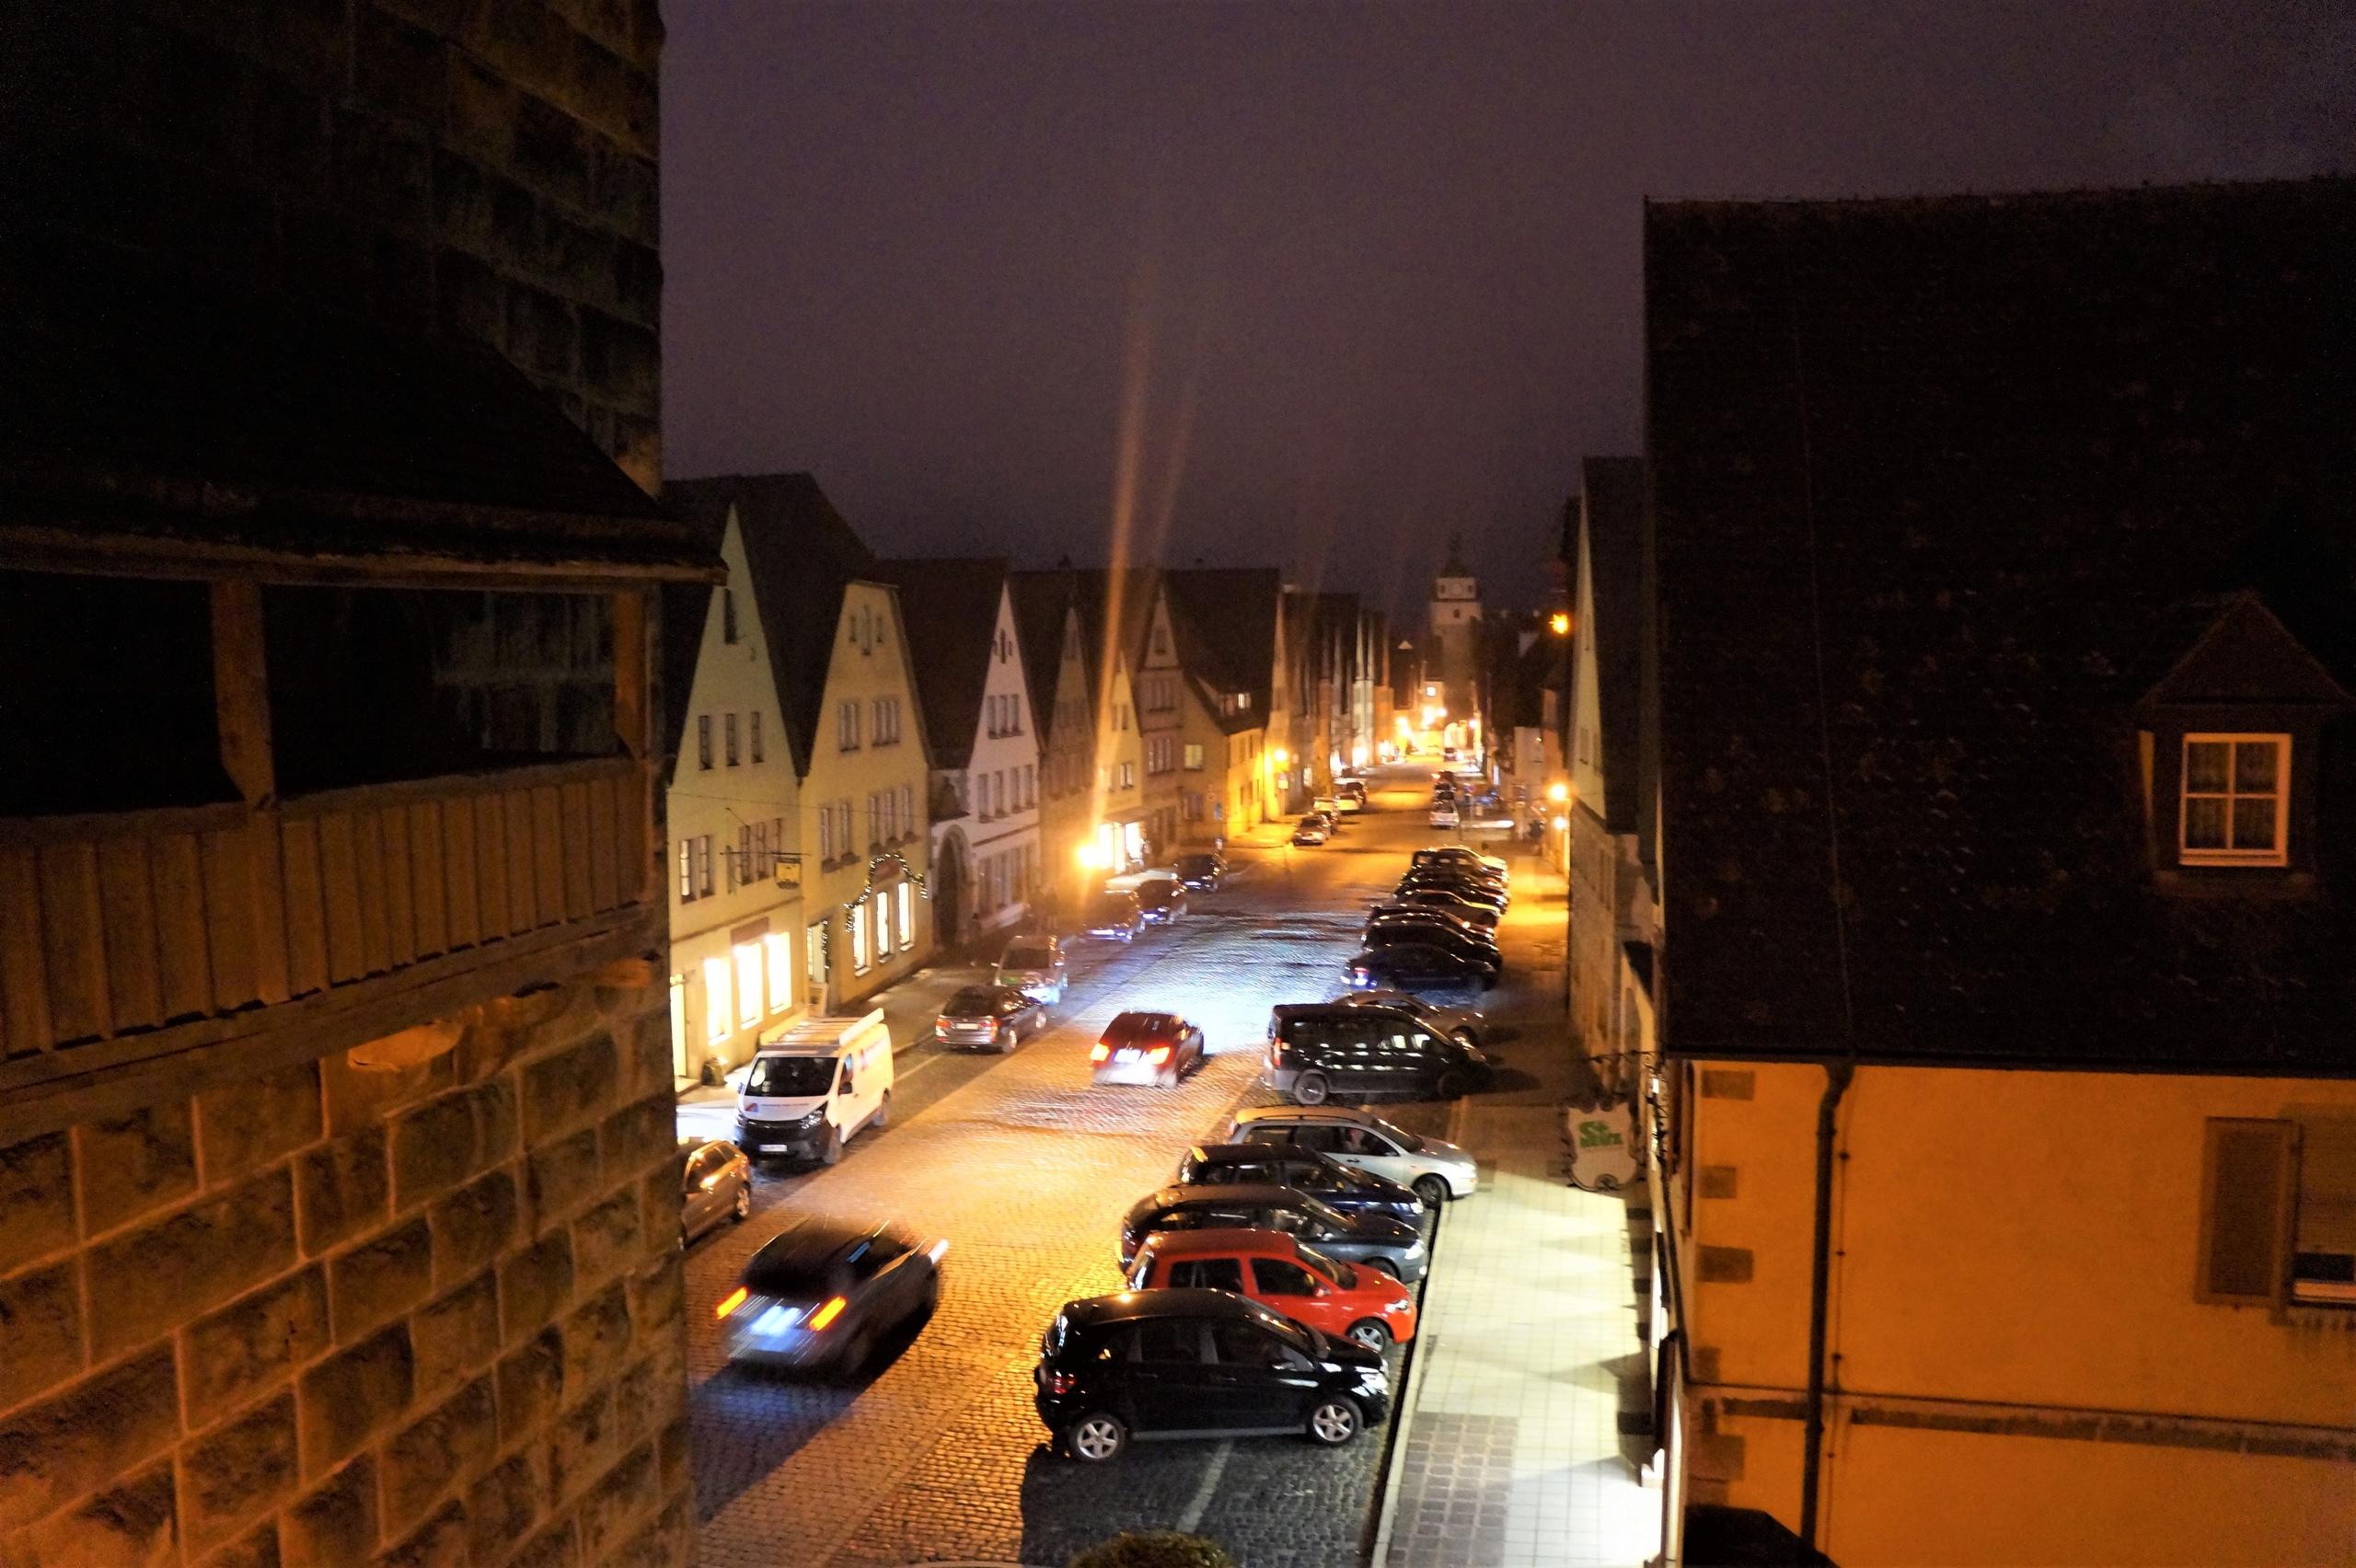 Прогулка по ночному Ротенбургу-на-Таубере города, Святого, Siebersturm, башней, назад, площадью, стеной, Galgentor, когда, город, стене, здание, стену, Ротенбурга, пройтись, Георгия, честь, самым, Stöberleinsturm, находится